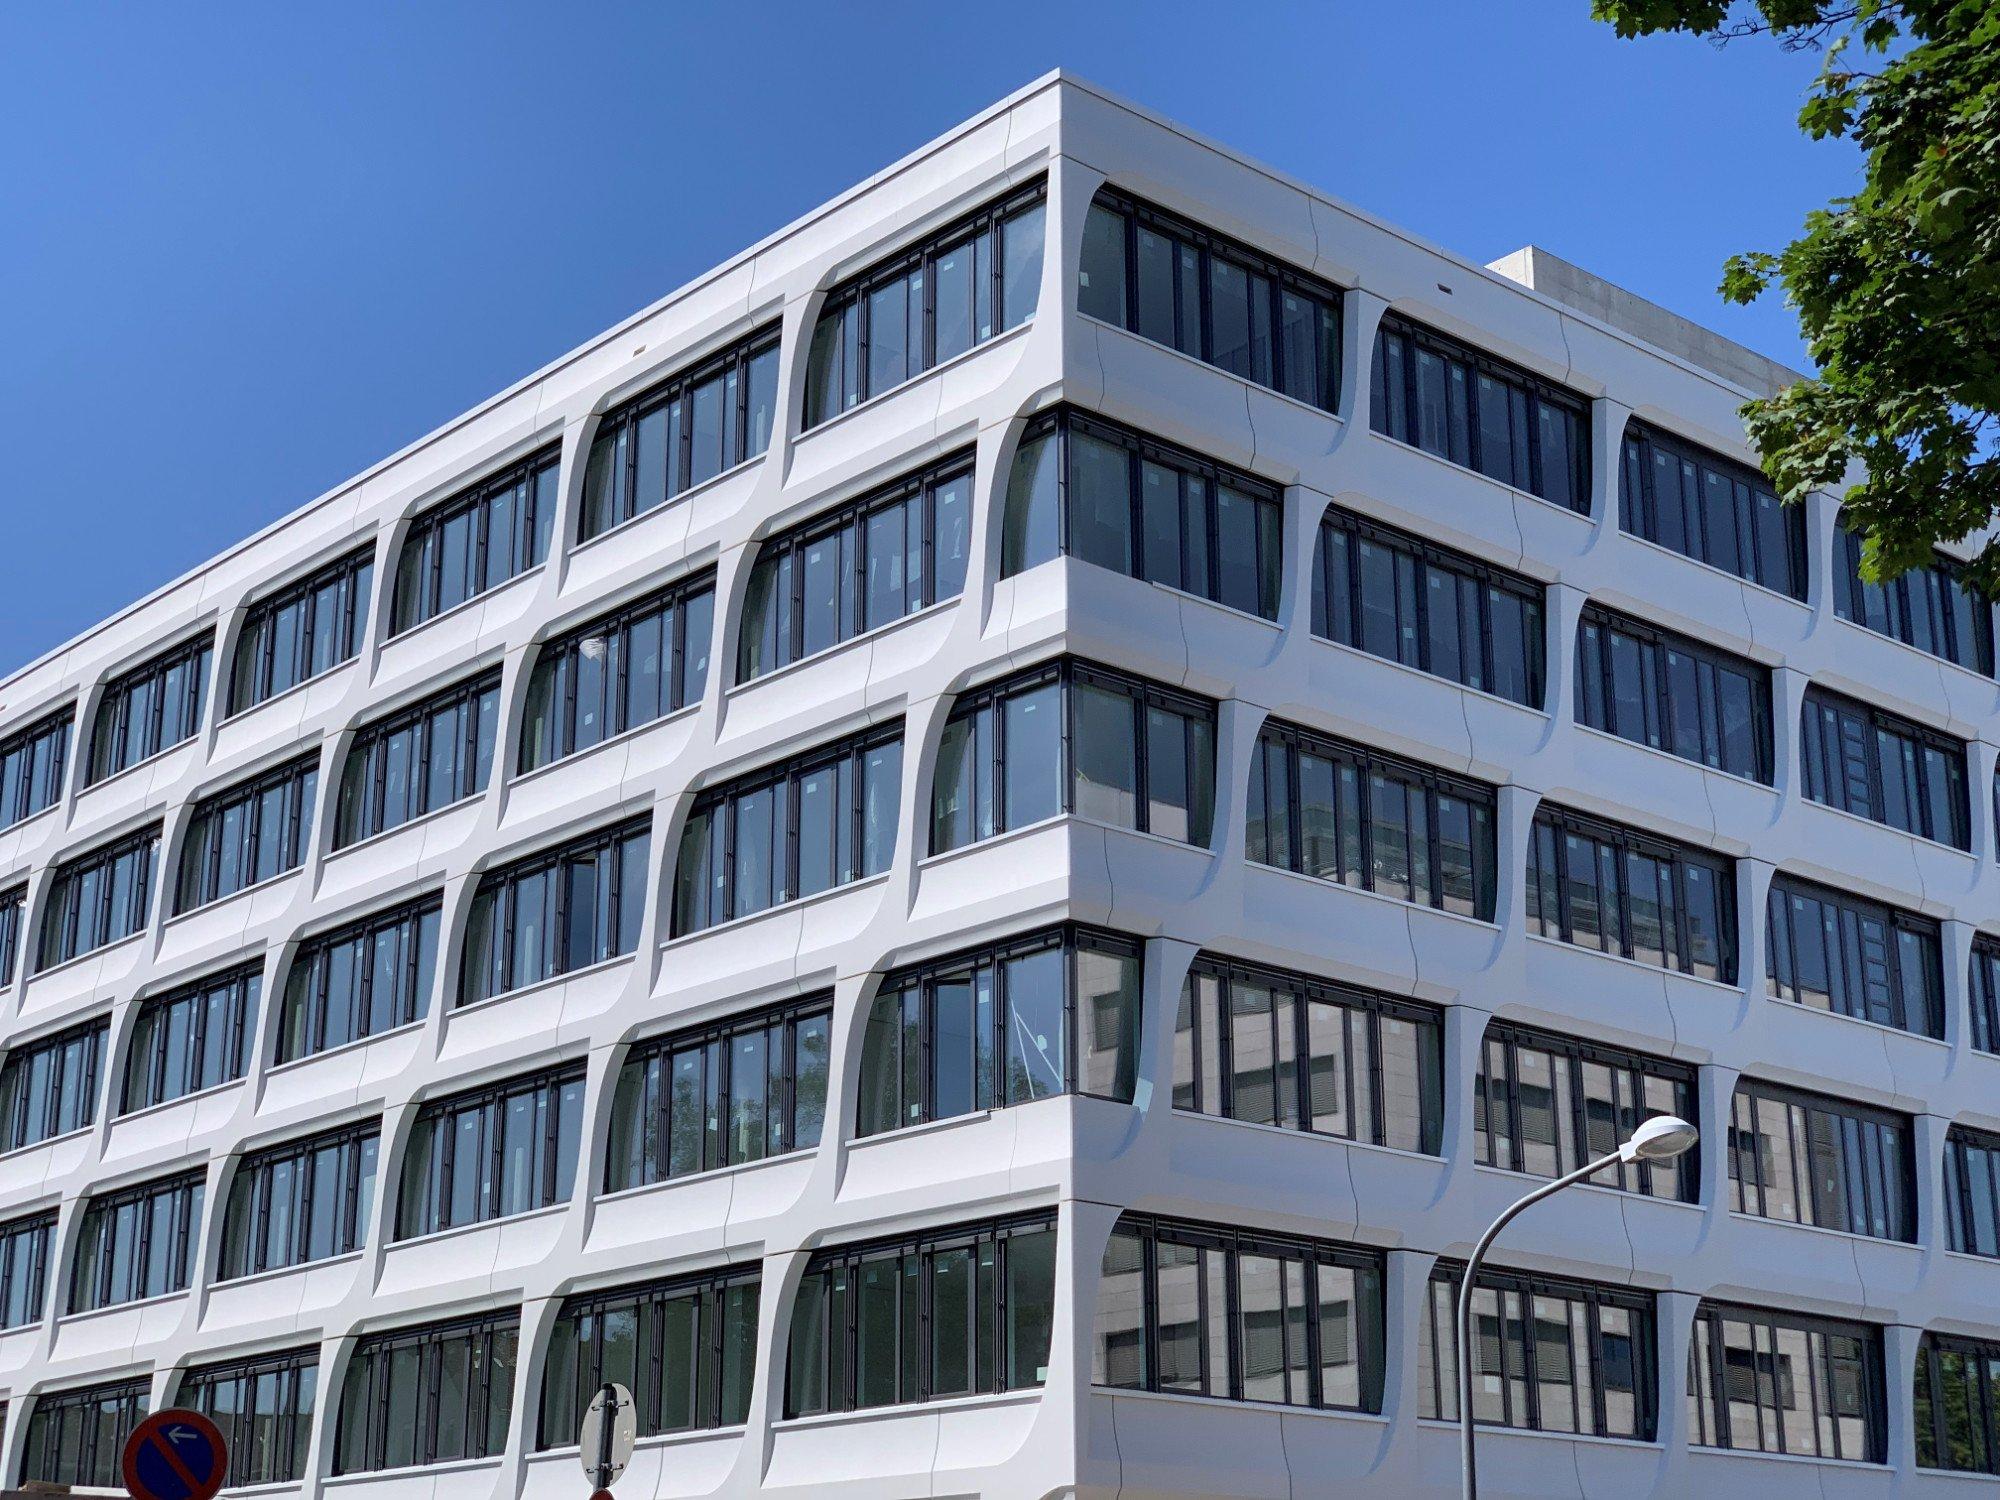 Konzernzentrale In Heidelberg Bim Büroverwaltung